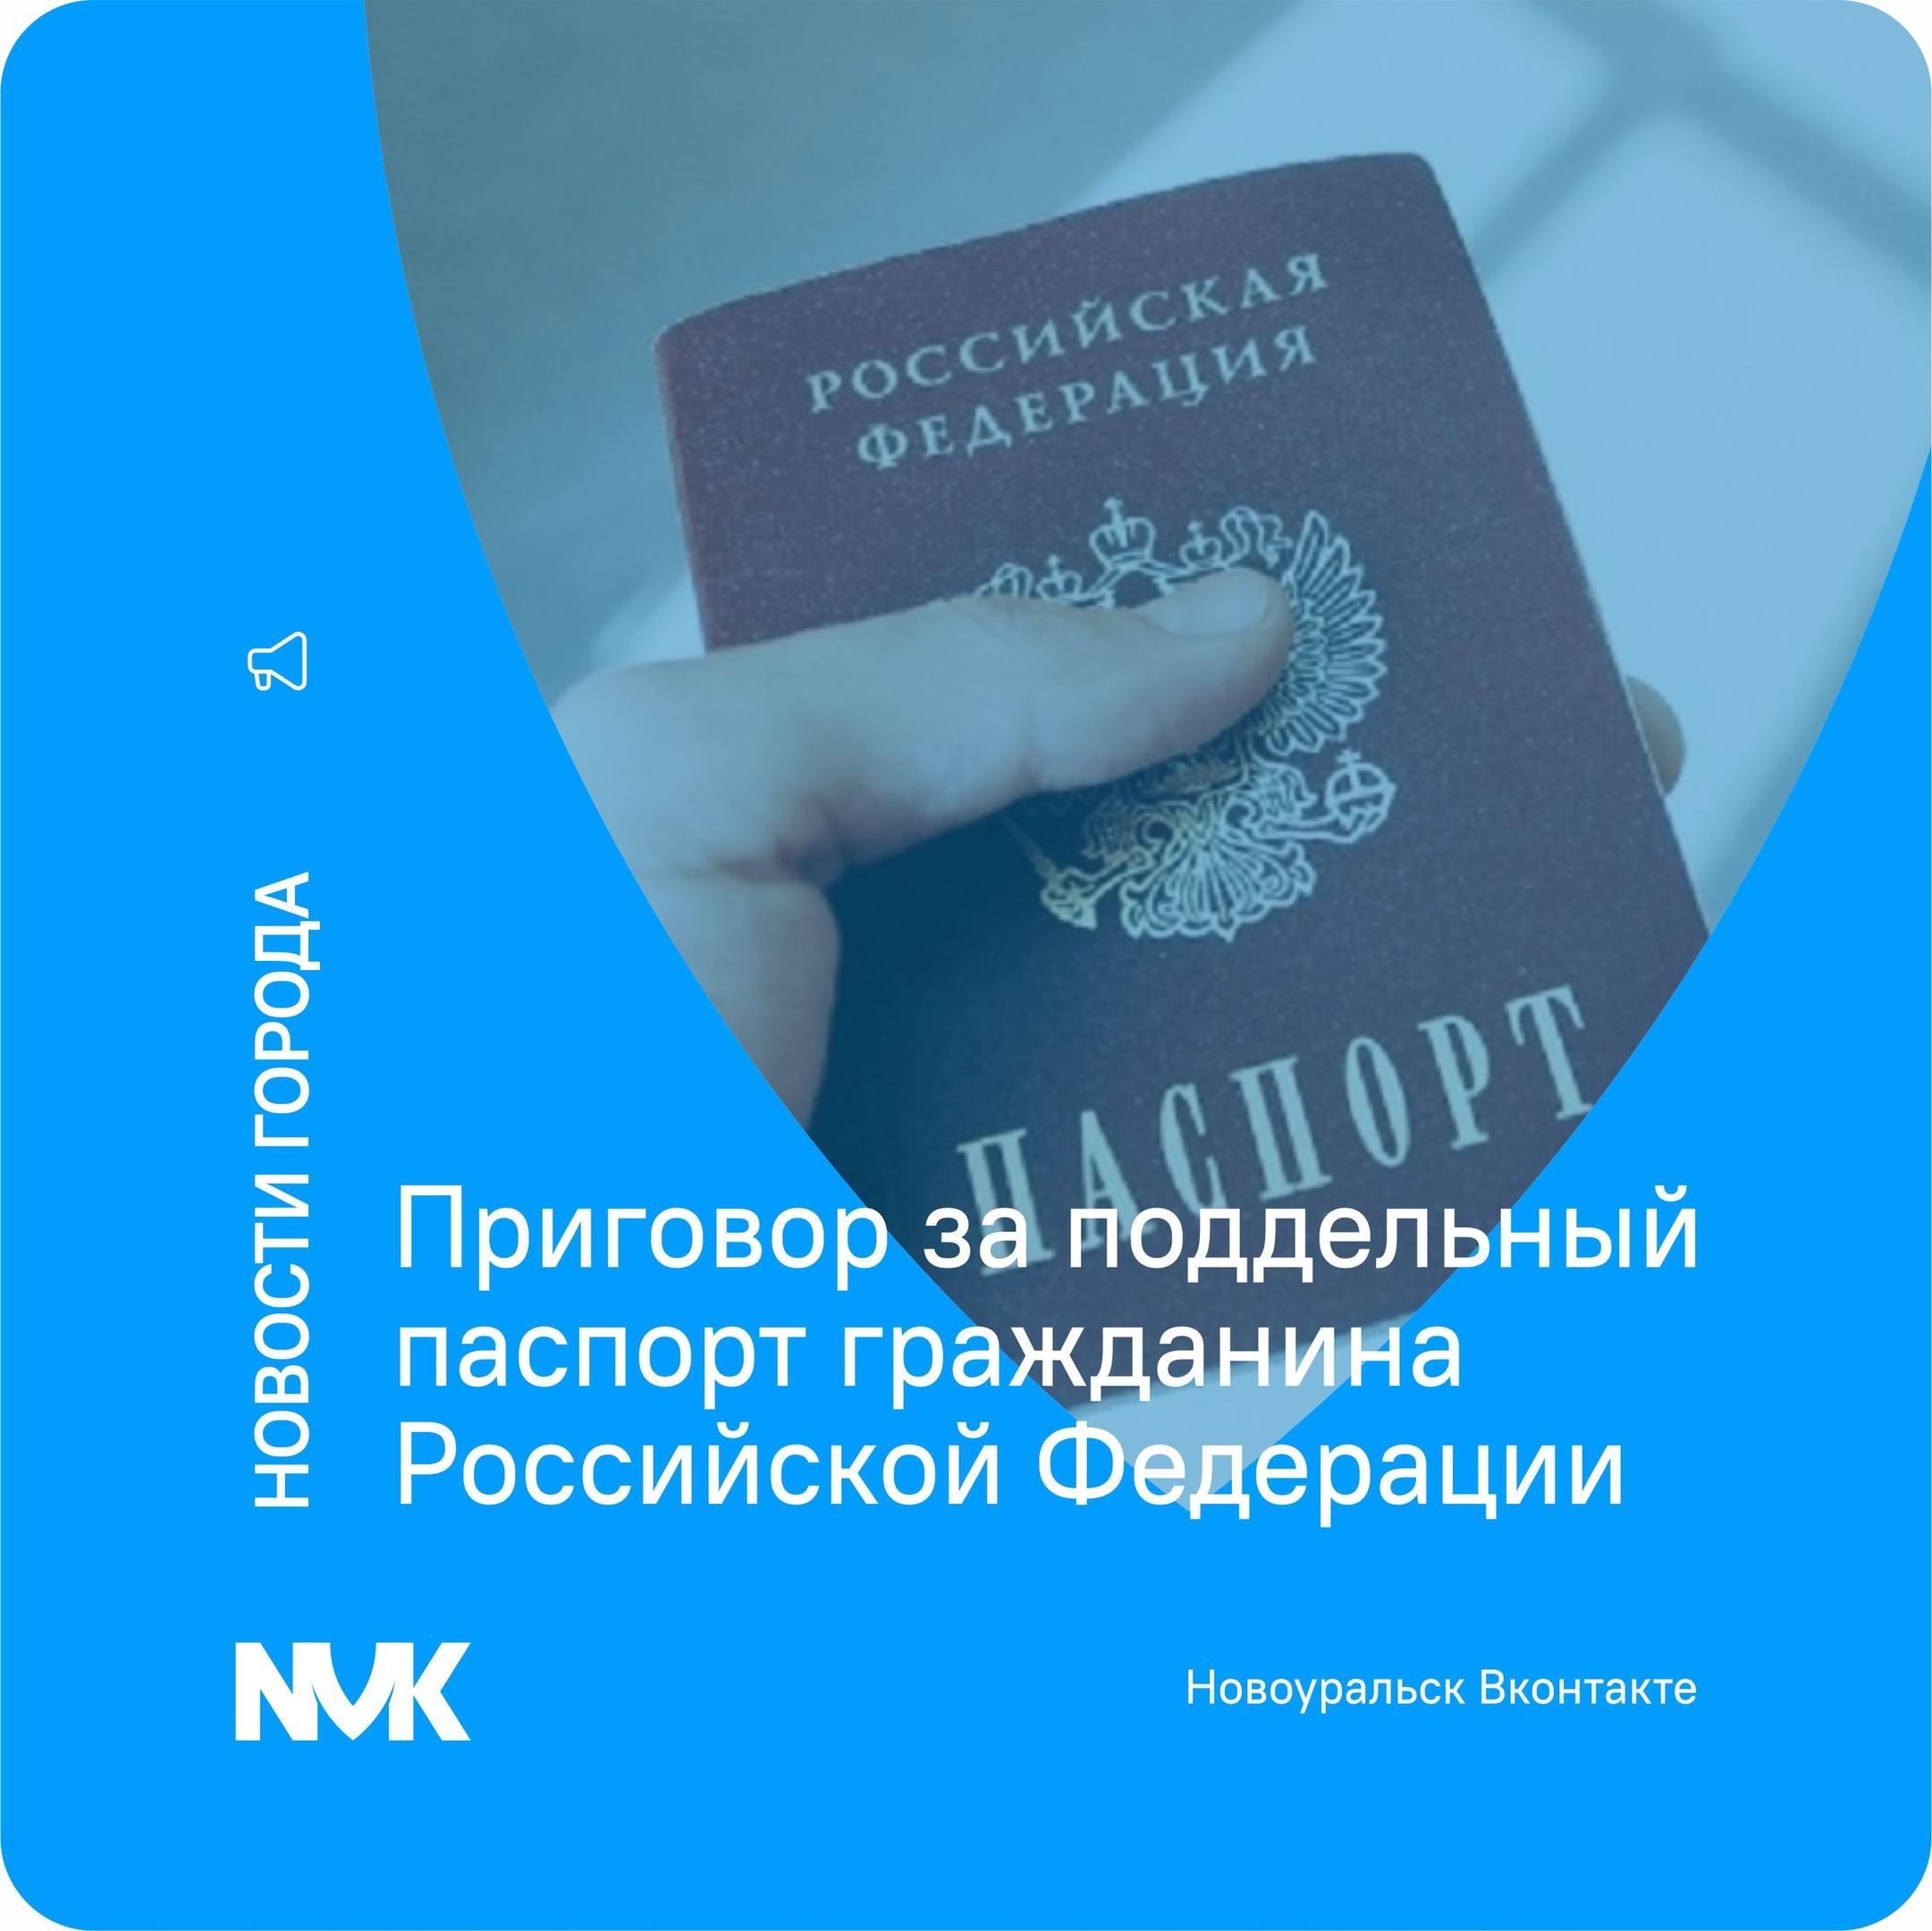 Приговор за поддельный паспорт